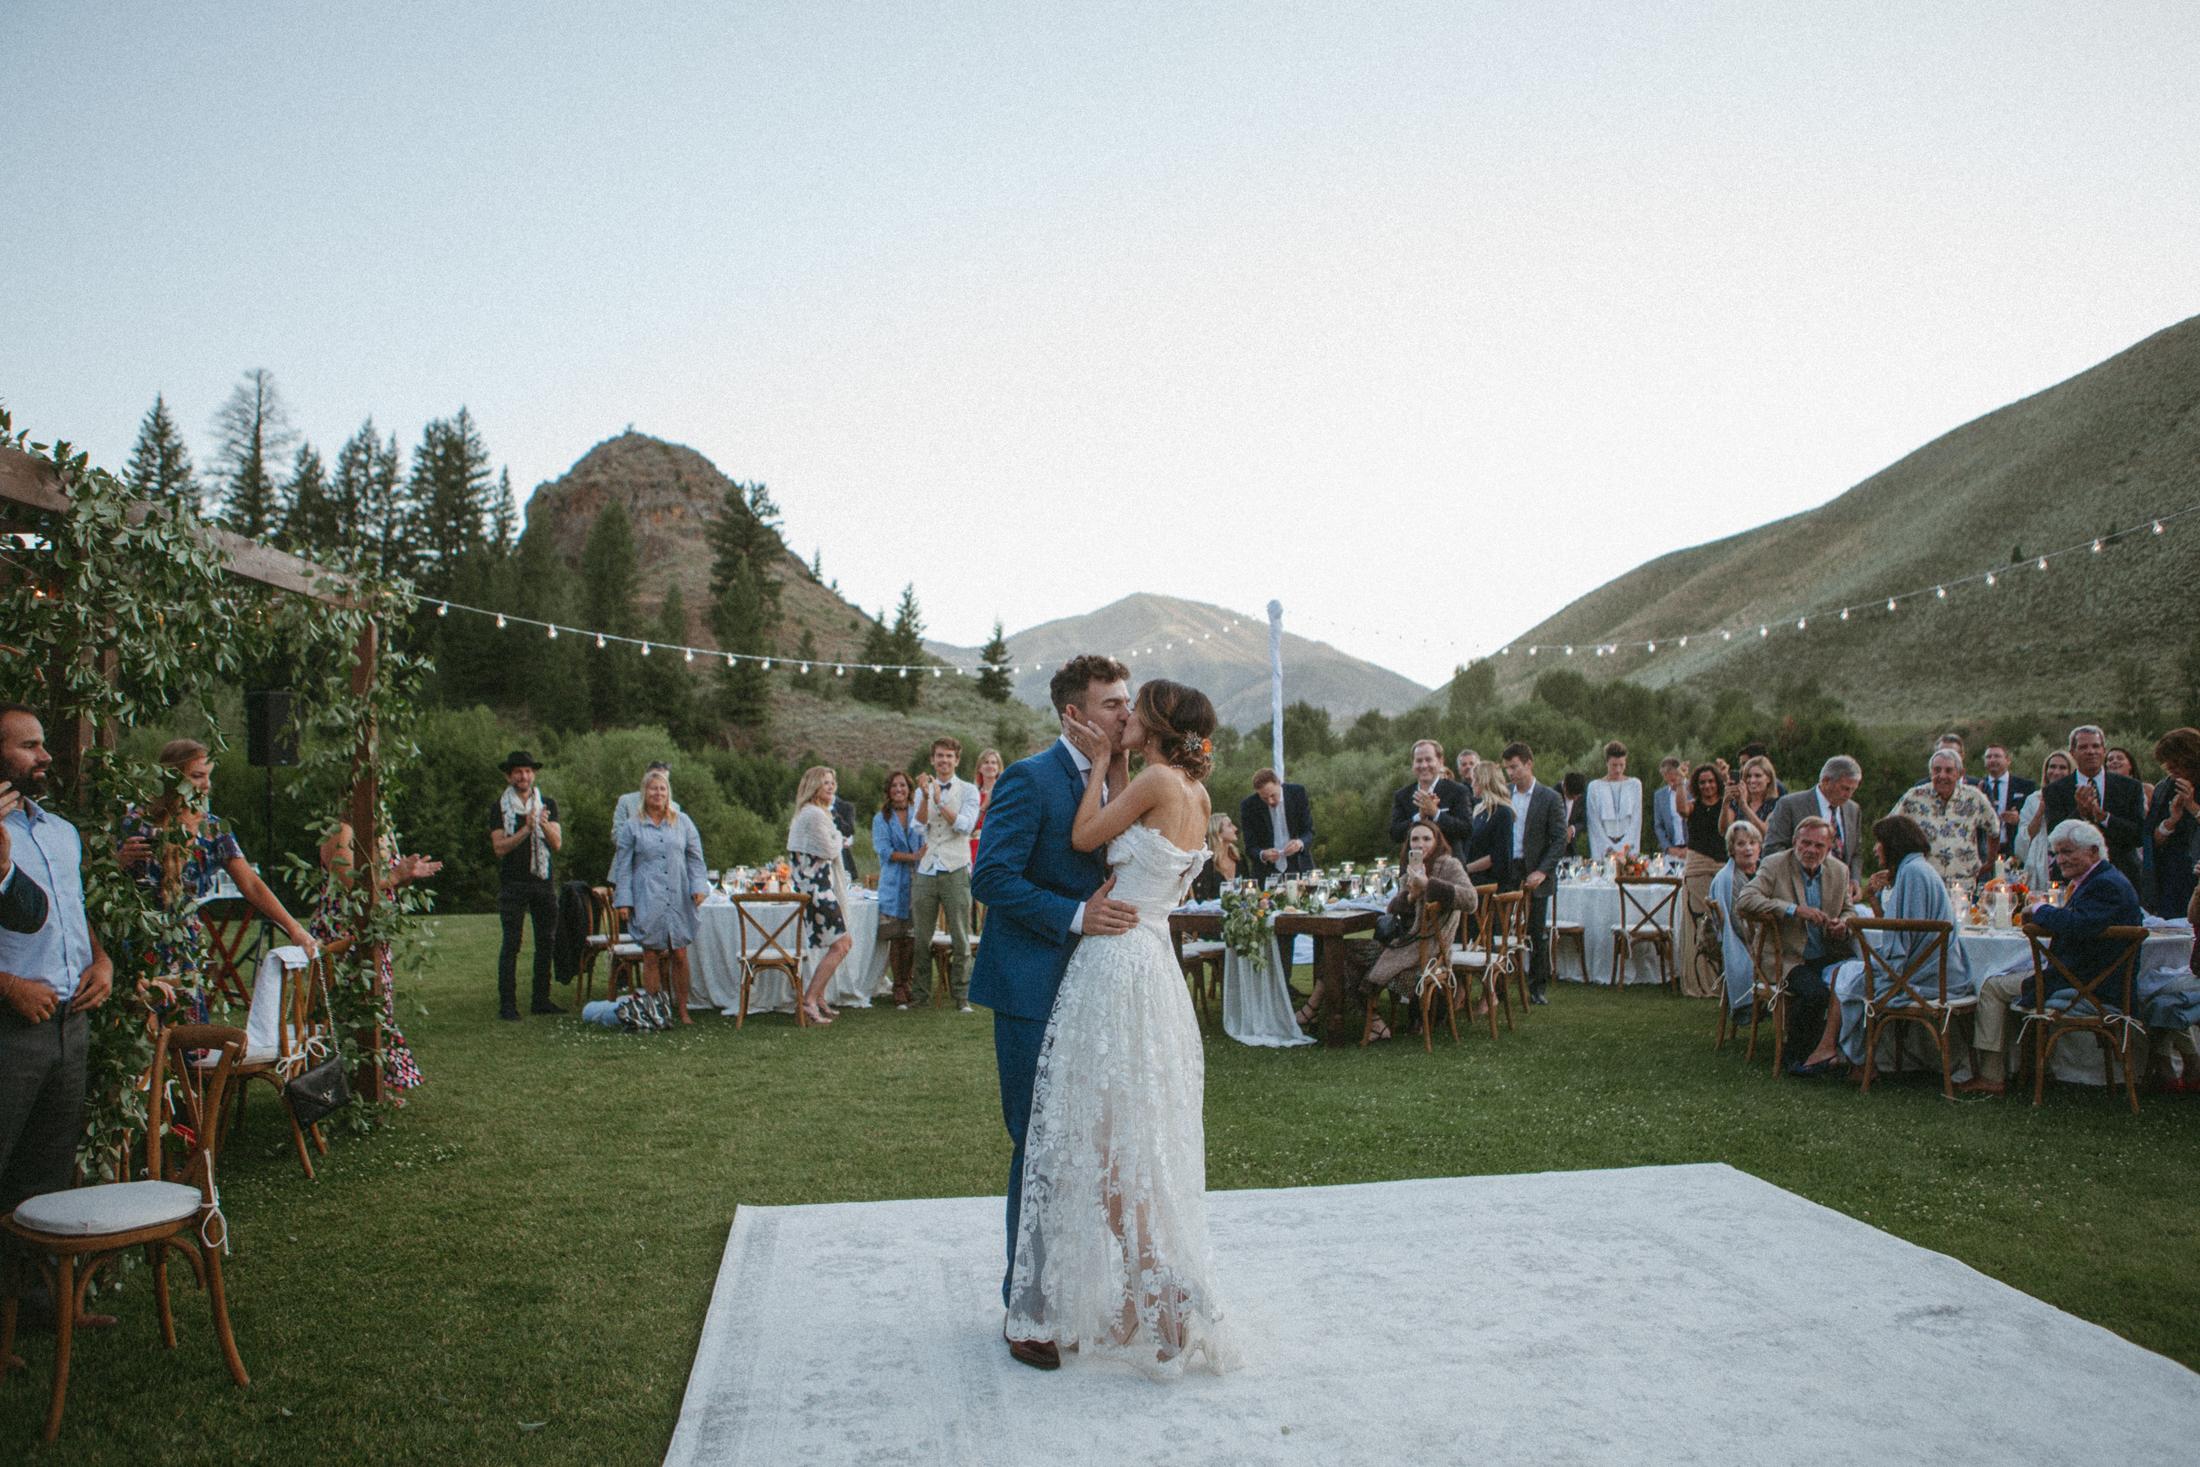 Jared & Juli | Trail Creek Cabin Wedding | Sun Valley Idaho